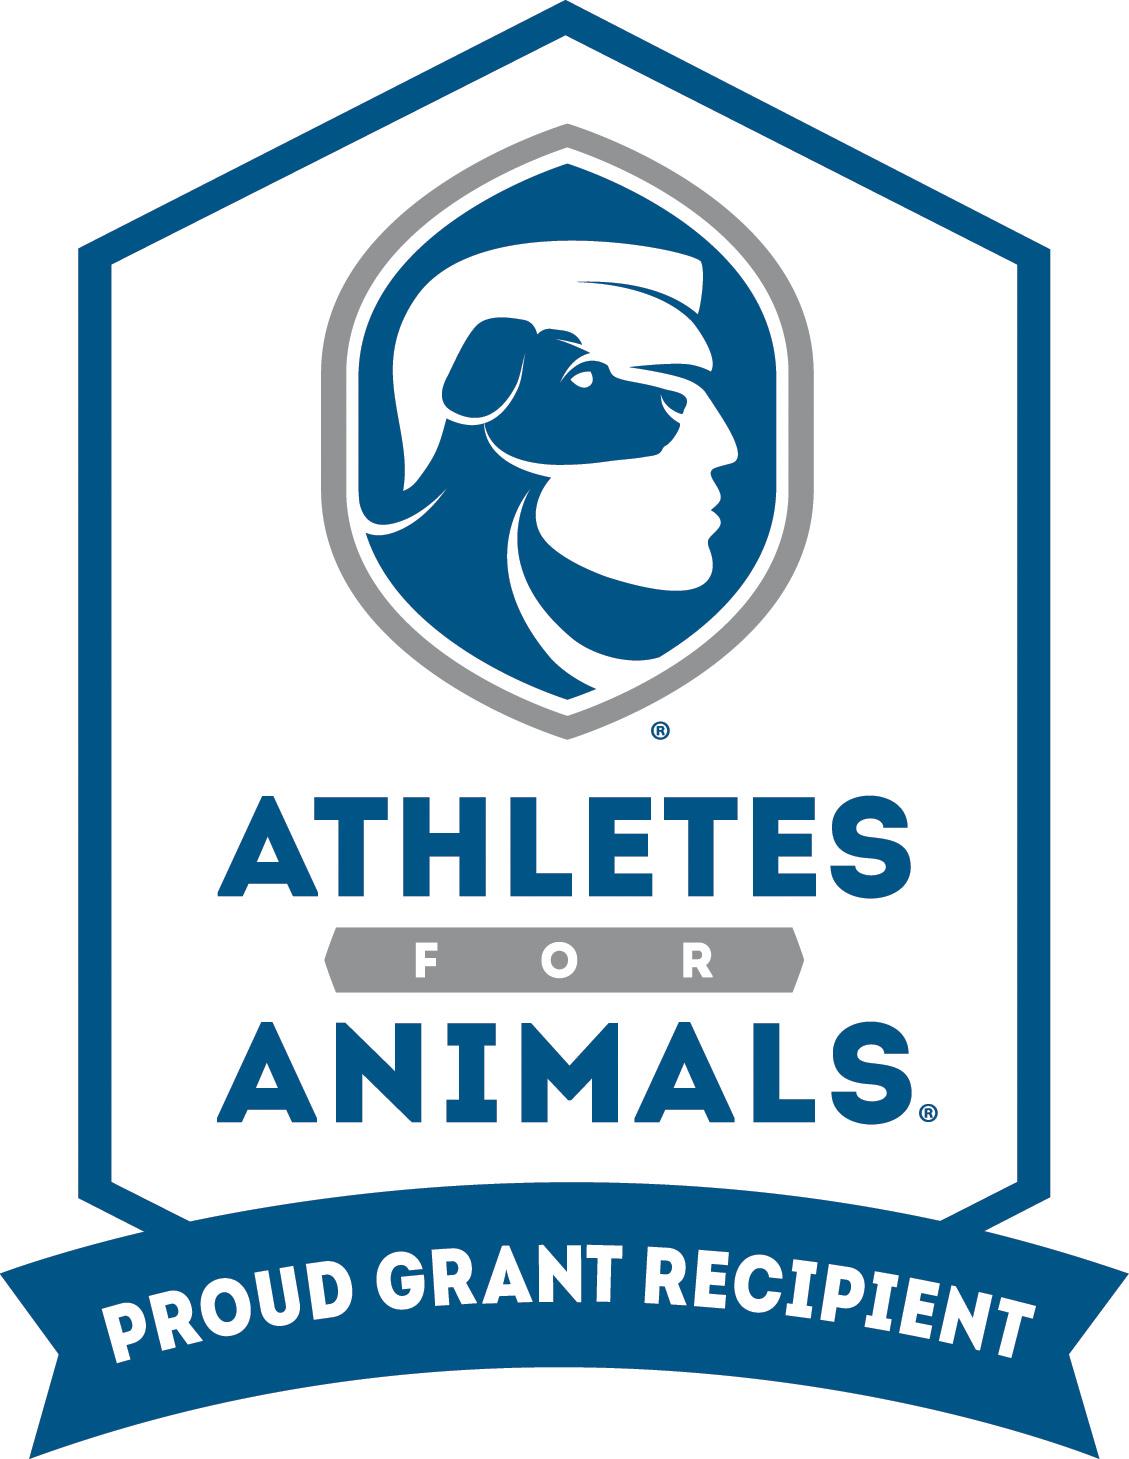 A4A-Grant-Recipient-Logo.jpg